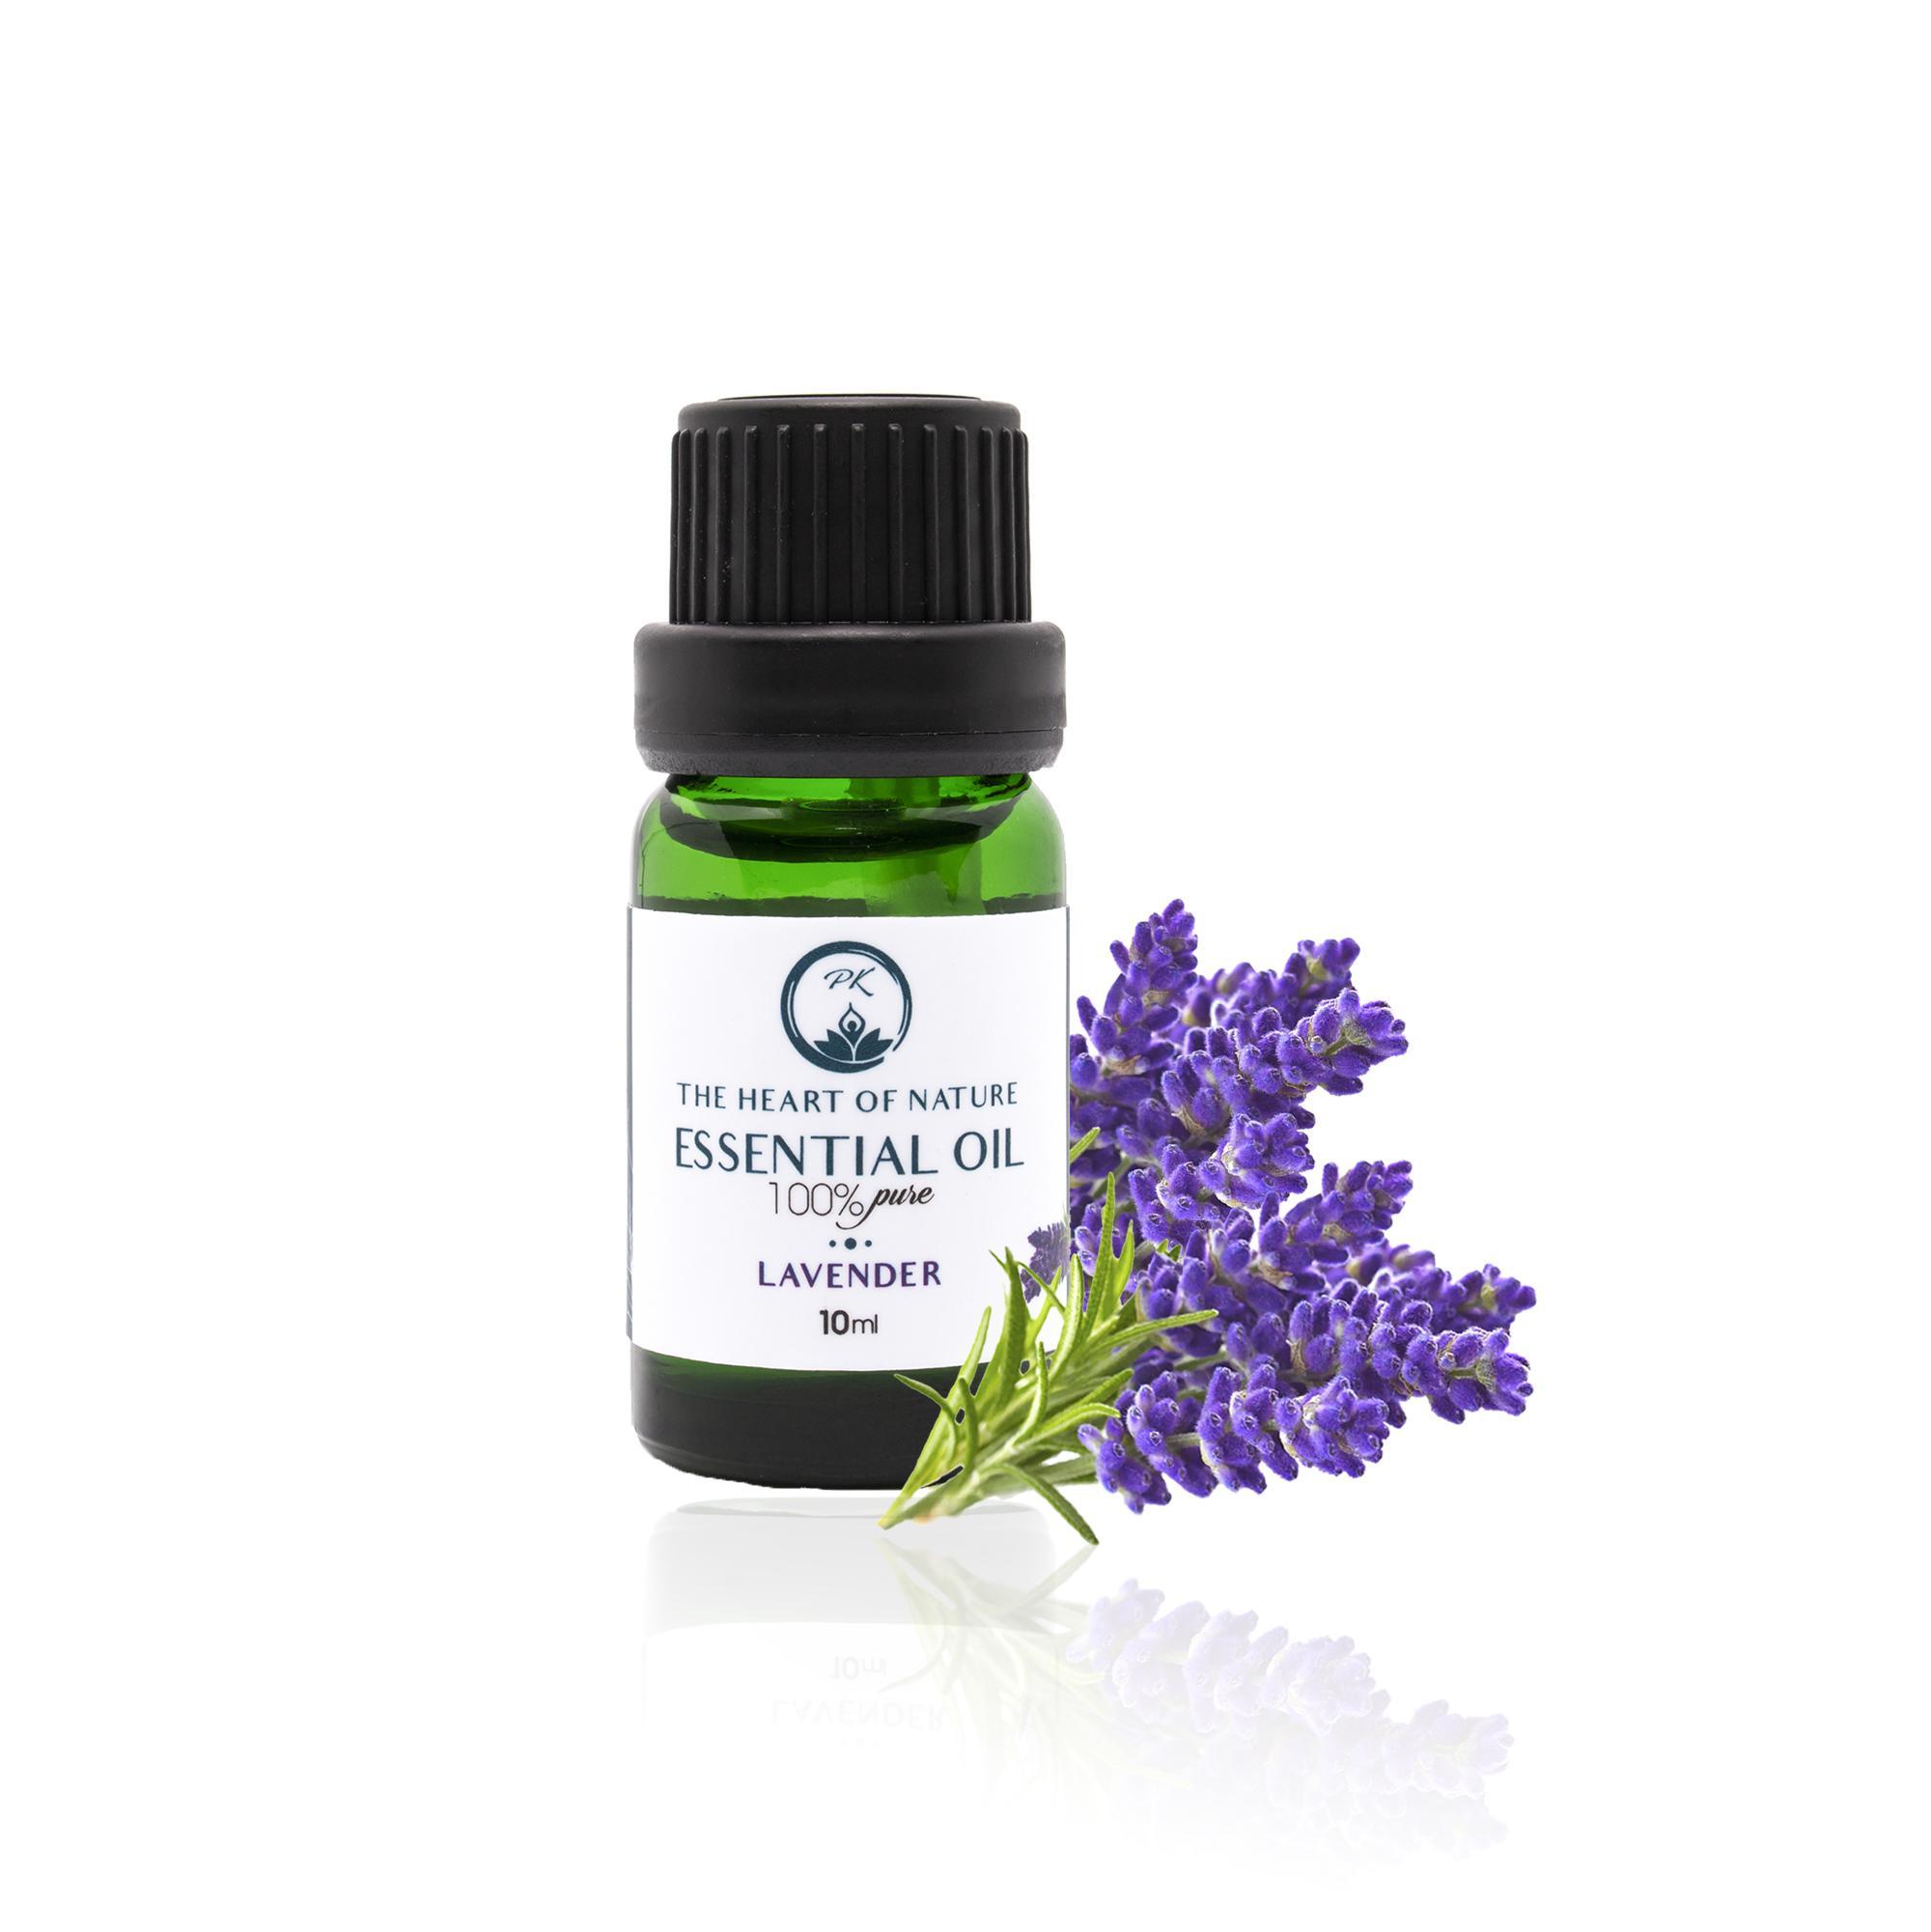 Tinh dầu Oải hương (Lavender) PK 10ml tốt nhất